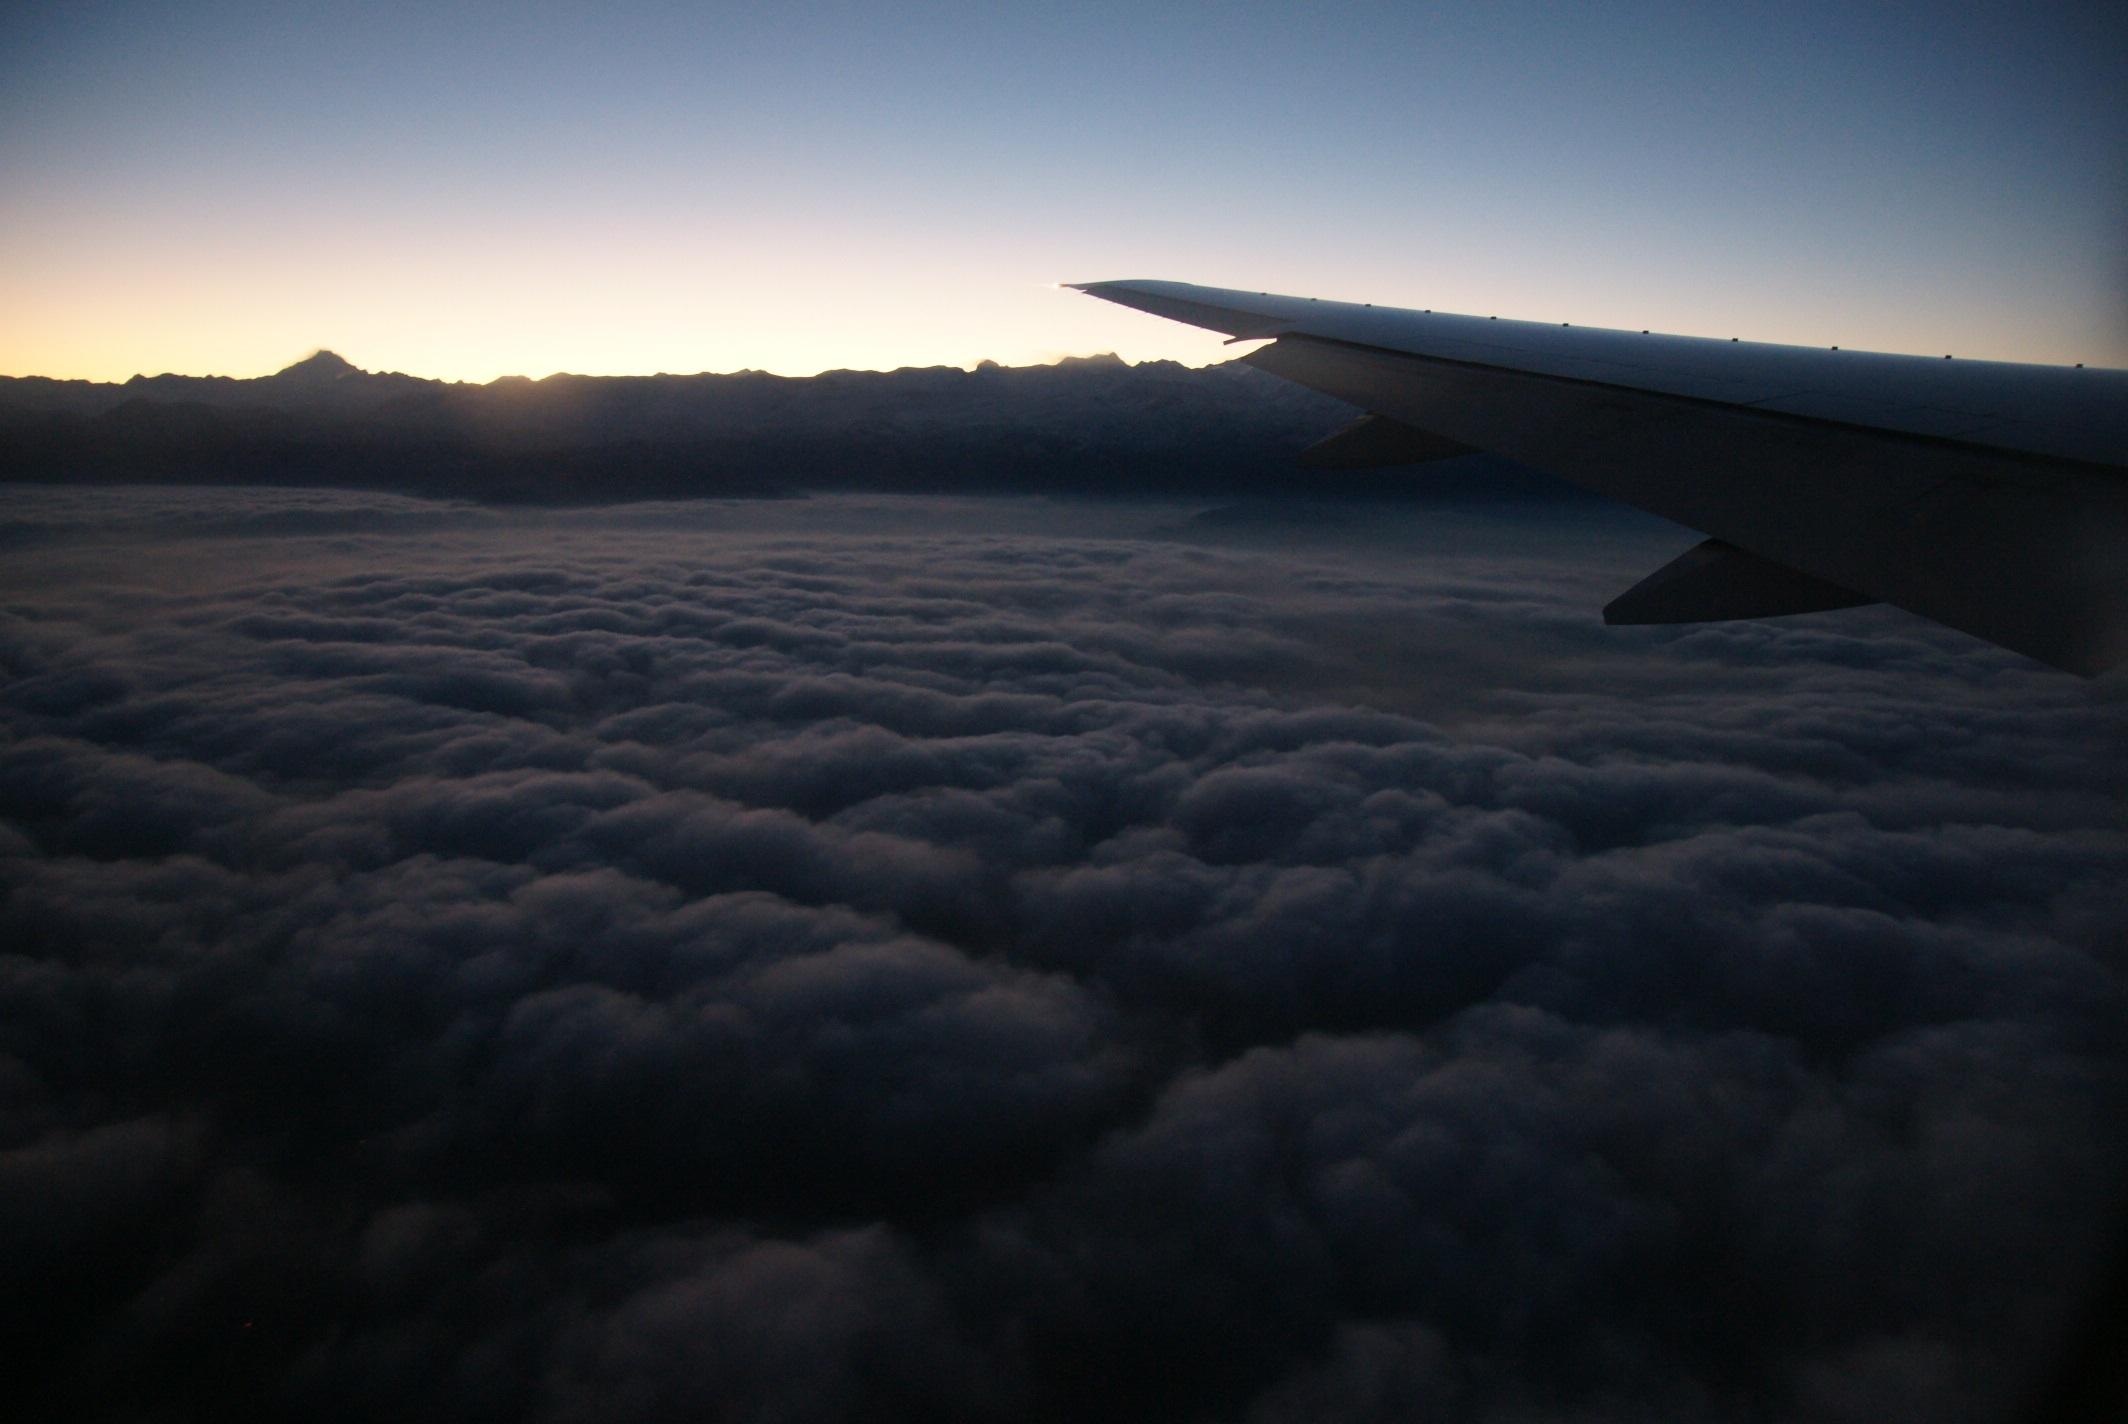 空中拍摄夜幕降临的时刻——飞机在云海之上